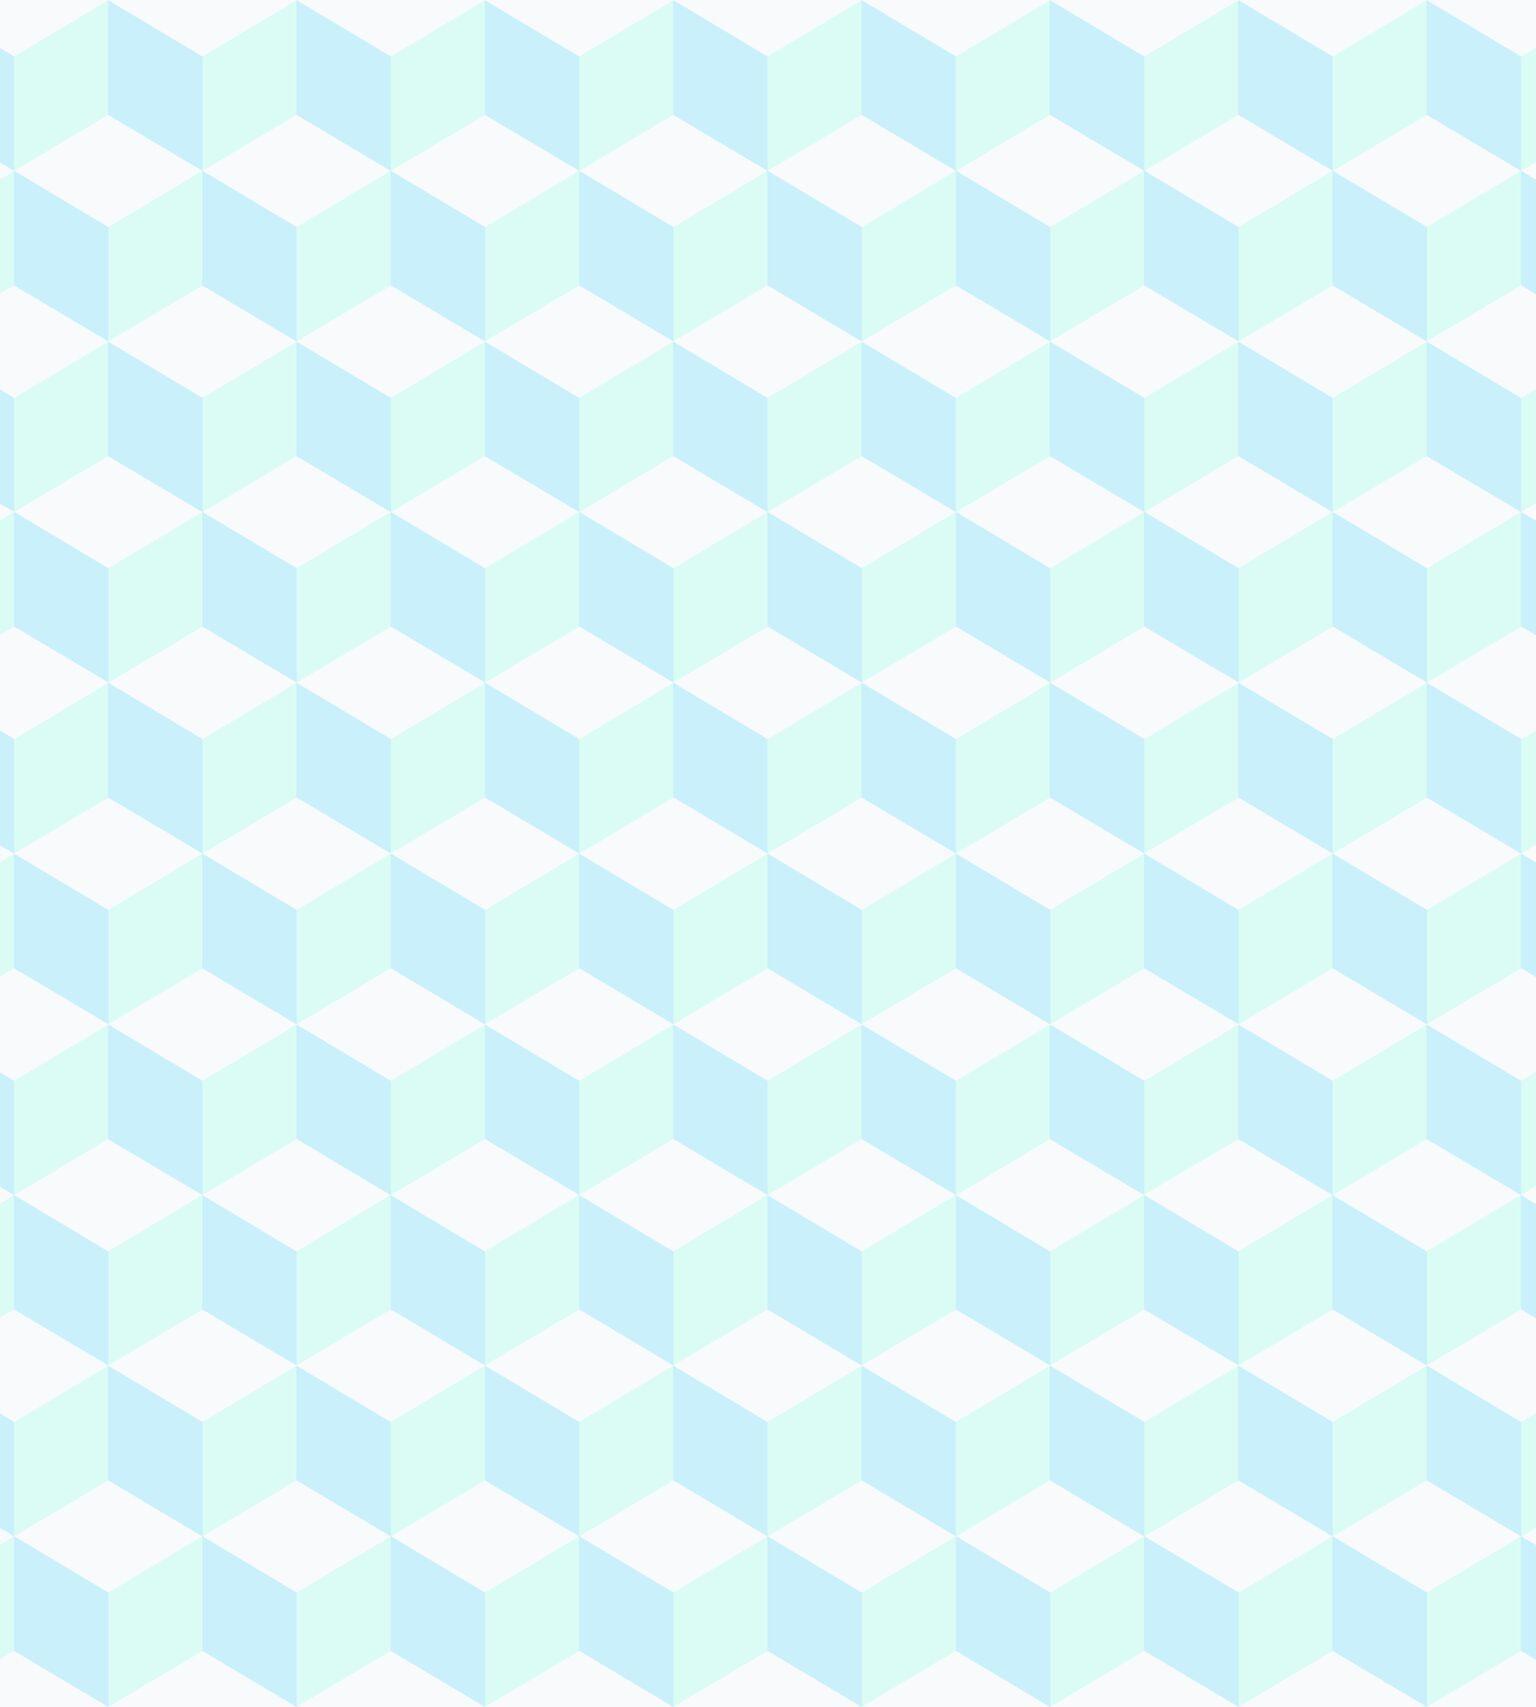 Papel de Parede Infantil Bobinex Coleção Brincar Geométrico Azul, Verde, Branco